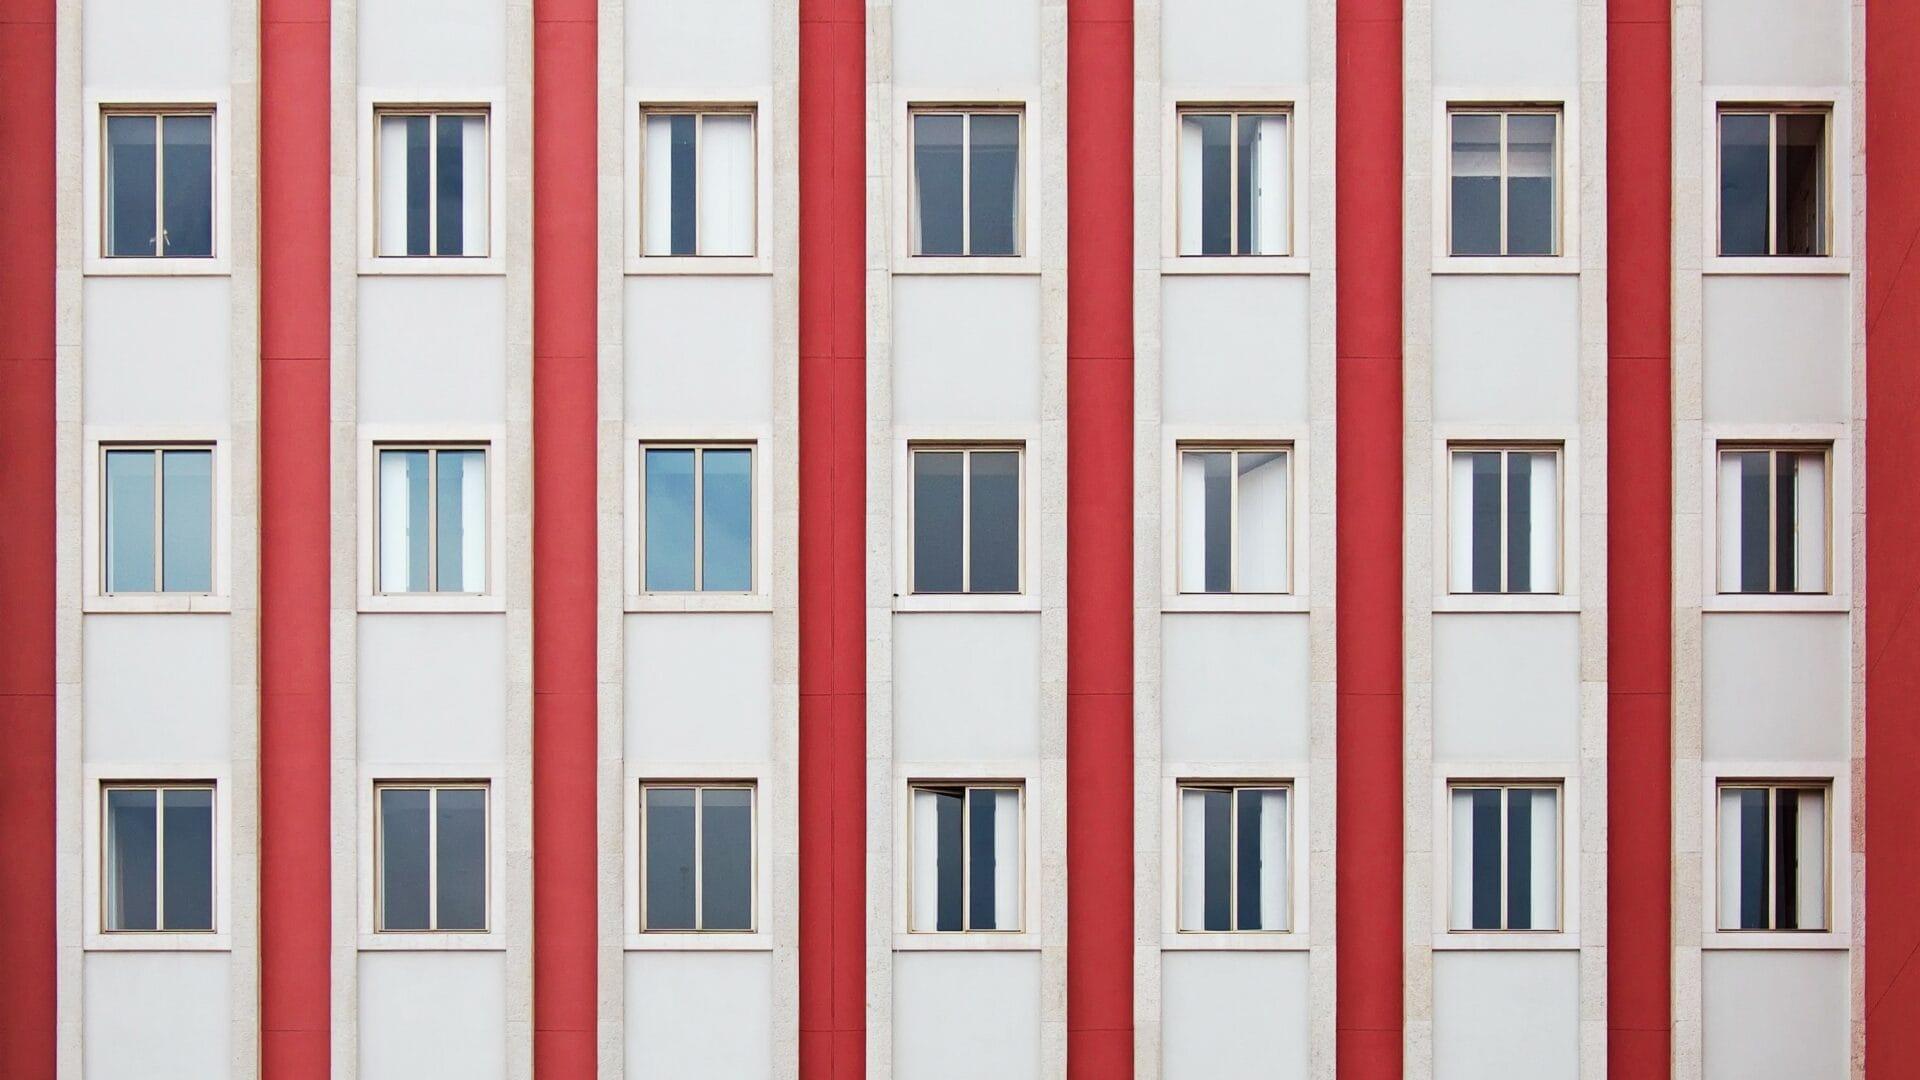 Fassade eines Wohnhauses